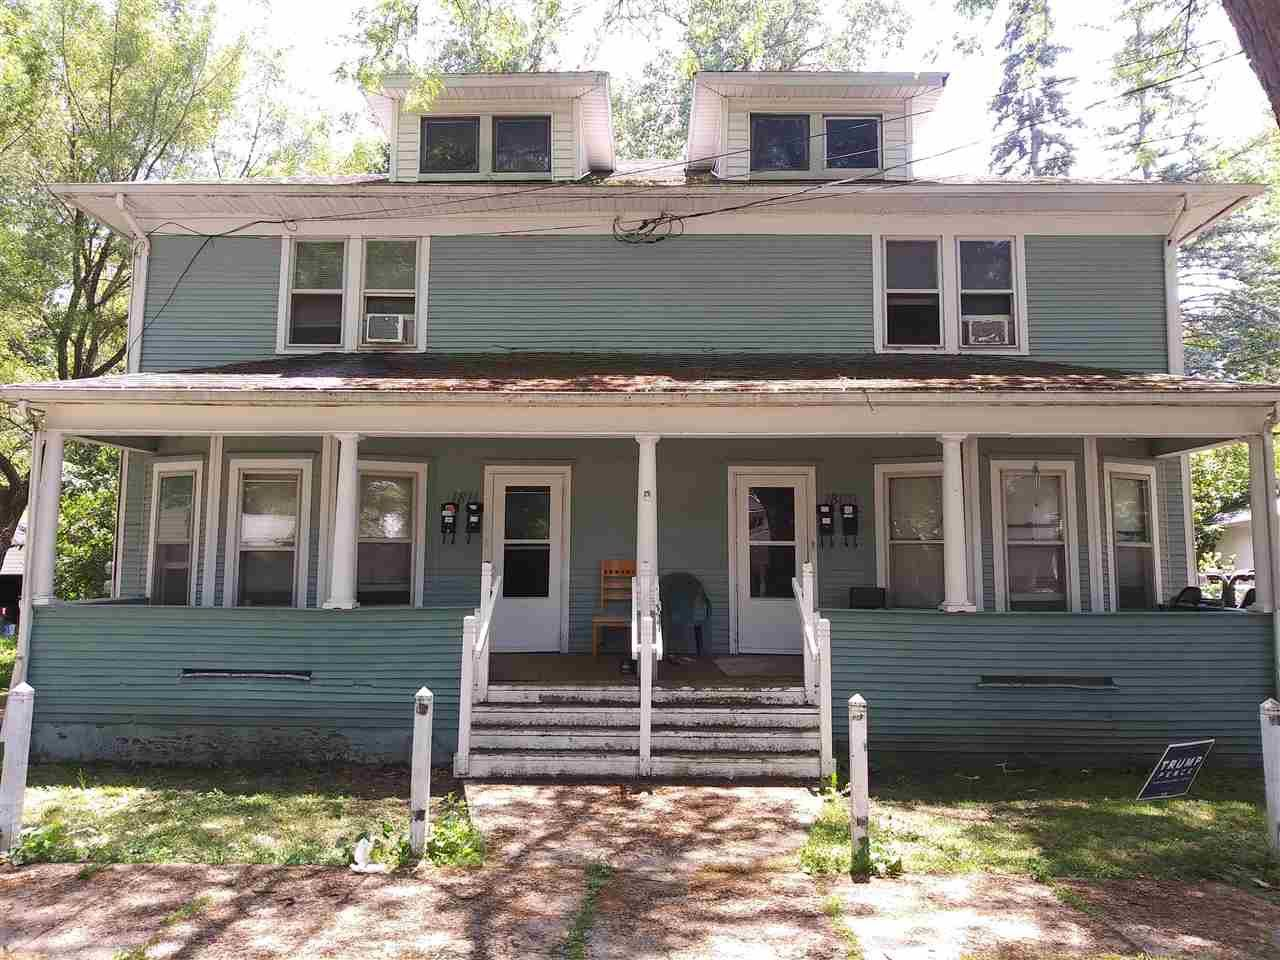 1809 DEYO ST, Jackson, MI 49203 - MLS#: 21095230